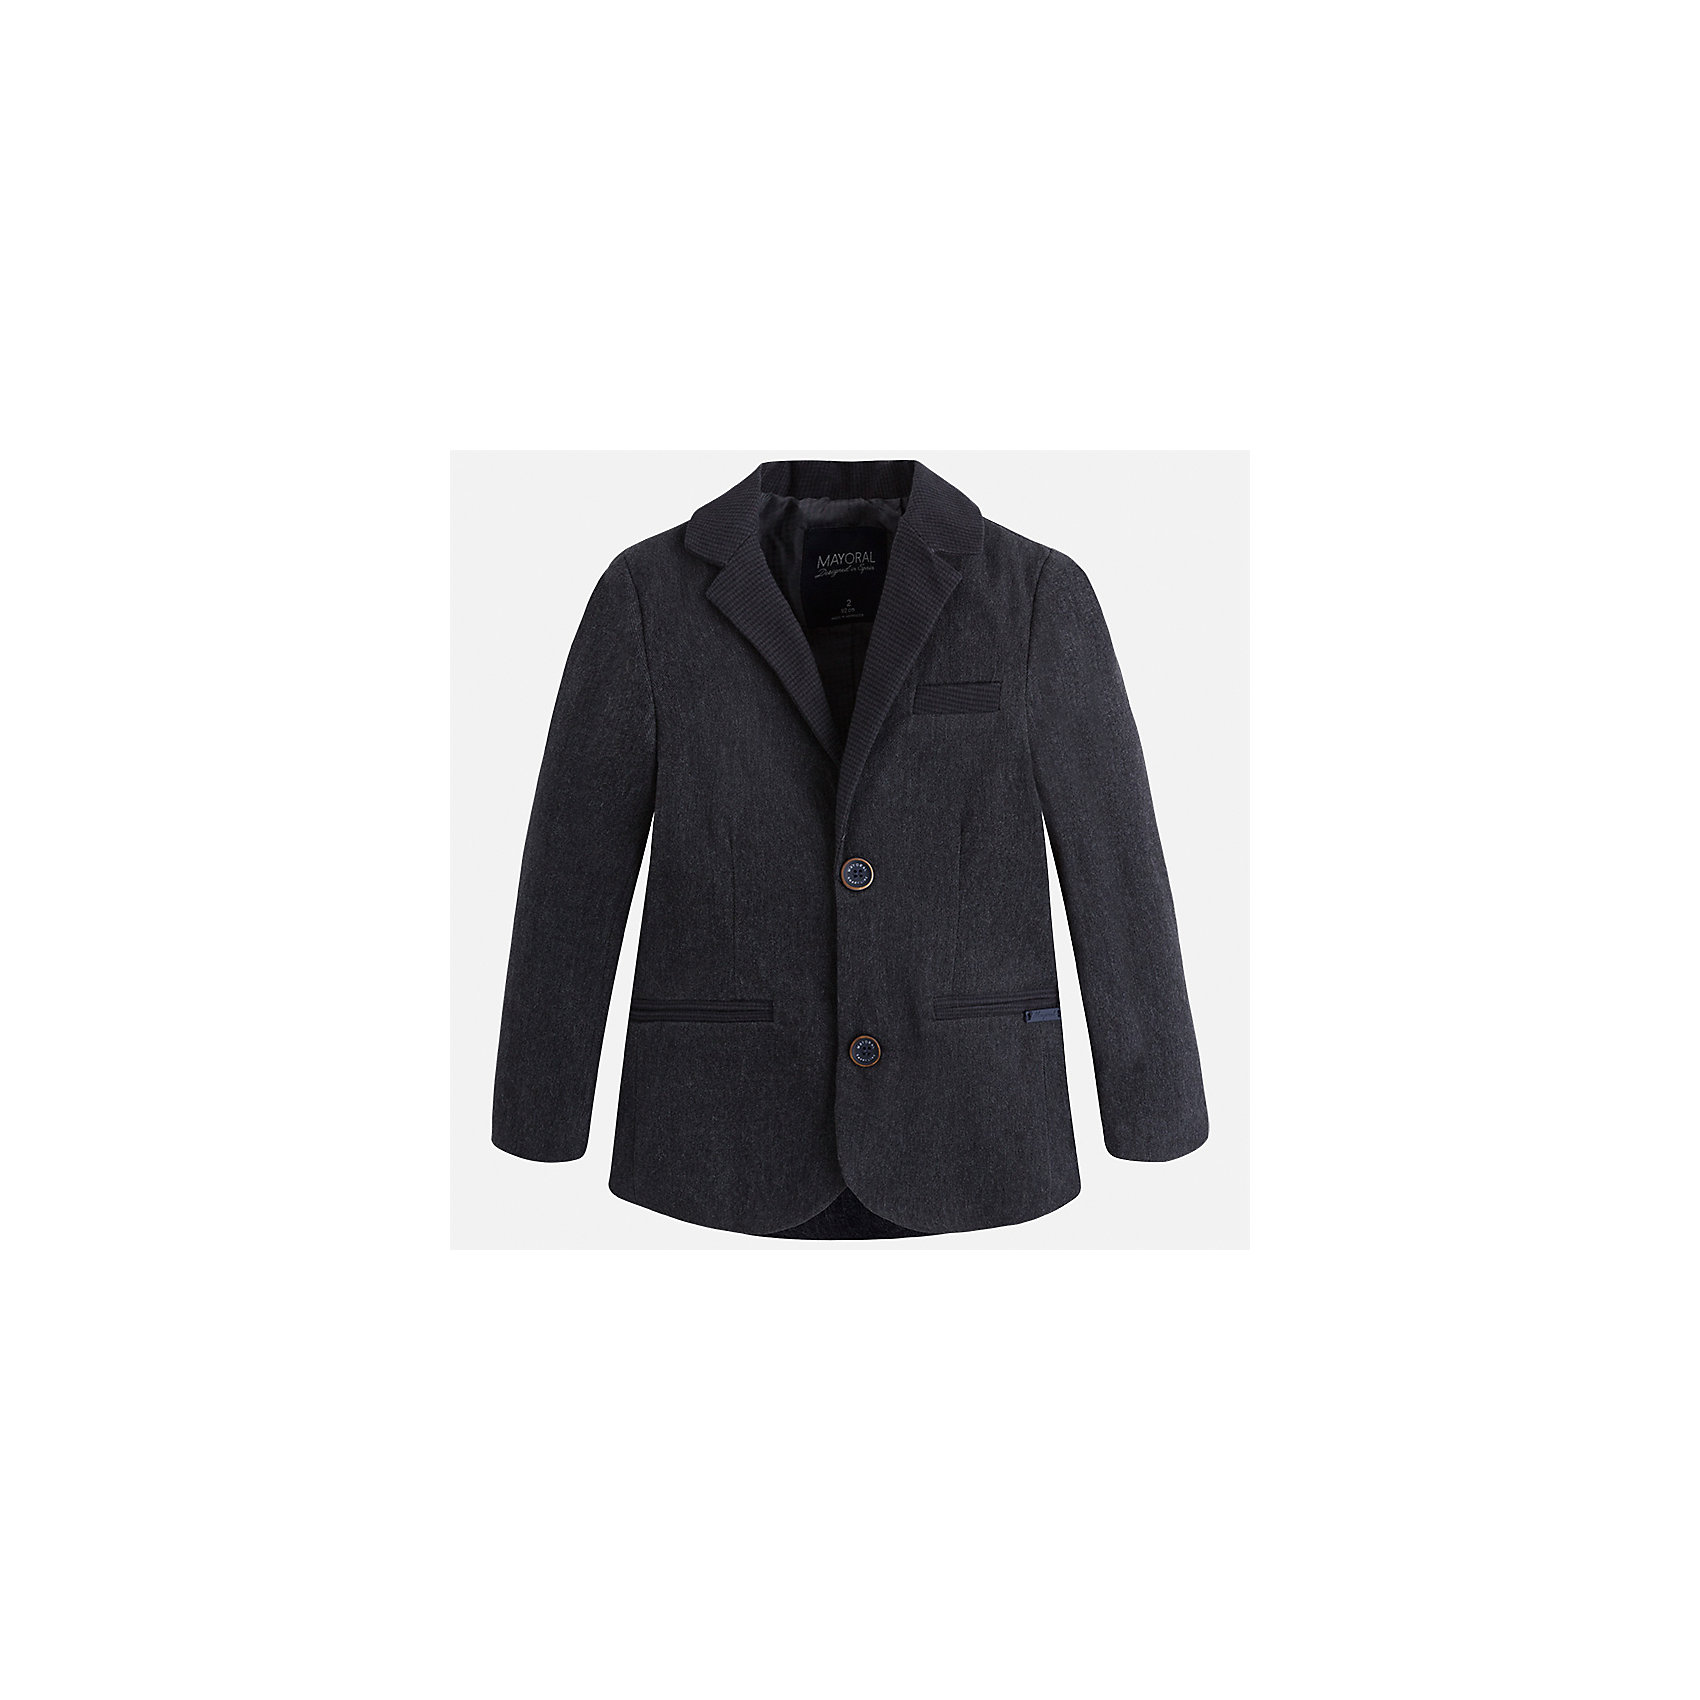 Пиджак для мальчика MayoralКостюмы и пиджаки<br>Характеристики товара:<br><br>• цвет: серый<br>• состав ткани: 98% хлопок, 2% эластан<br>• подкладка: 100% полиэстер<br>• сезон: демисезон<br>• особенности модели: школьная<br>• длинные рукава<br>• застежка: пуговицы<br>• страна бренда: Испания<br>• страна изготовитель: Индия<br><br>Этот детский пиджак сшит из приятного на материала, преимущественно имеющего в составе натуральный хлопок. Пиджак для мальчика Mayoral дополнен подкладкой. Пиджак для ребенка отличается классическим силуэтом. Детский пиджак обеспечит ребенку аккуратный внешний вид. <br><br>Пиджак для мальчика Mayoral (Майорал) можно купить в нашем интернет-магазине.<br><br>Ширина мм: 190<br>Глубина мм: 74<br>Высота мм: 229<br>Вес г: 236<br>Цвет: серый<br>Возраст от месяцев: 96<br>Возраст до месяцев: 108<br>Пол: Мужской<br>Возраст: Детский<br>Размер: 134,92,98,104,110,116,122,128<br>SKU: 6934670